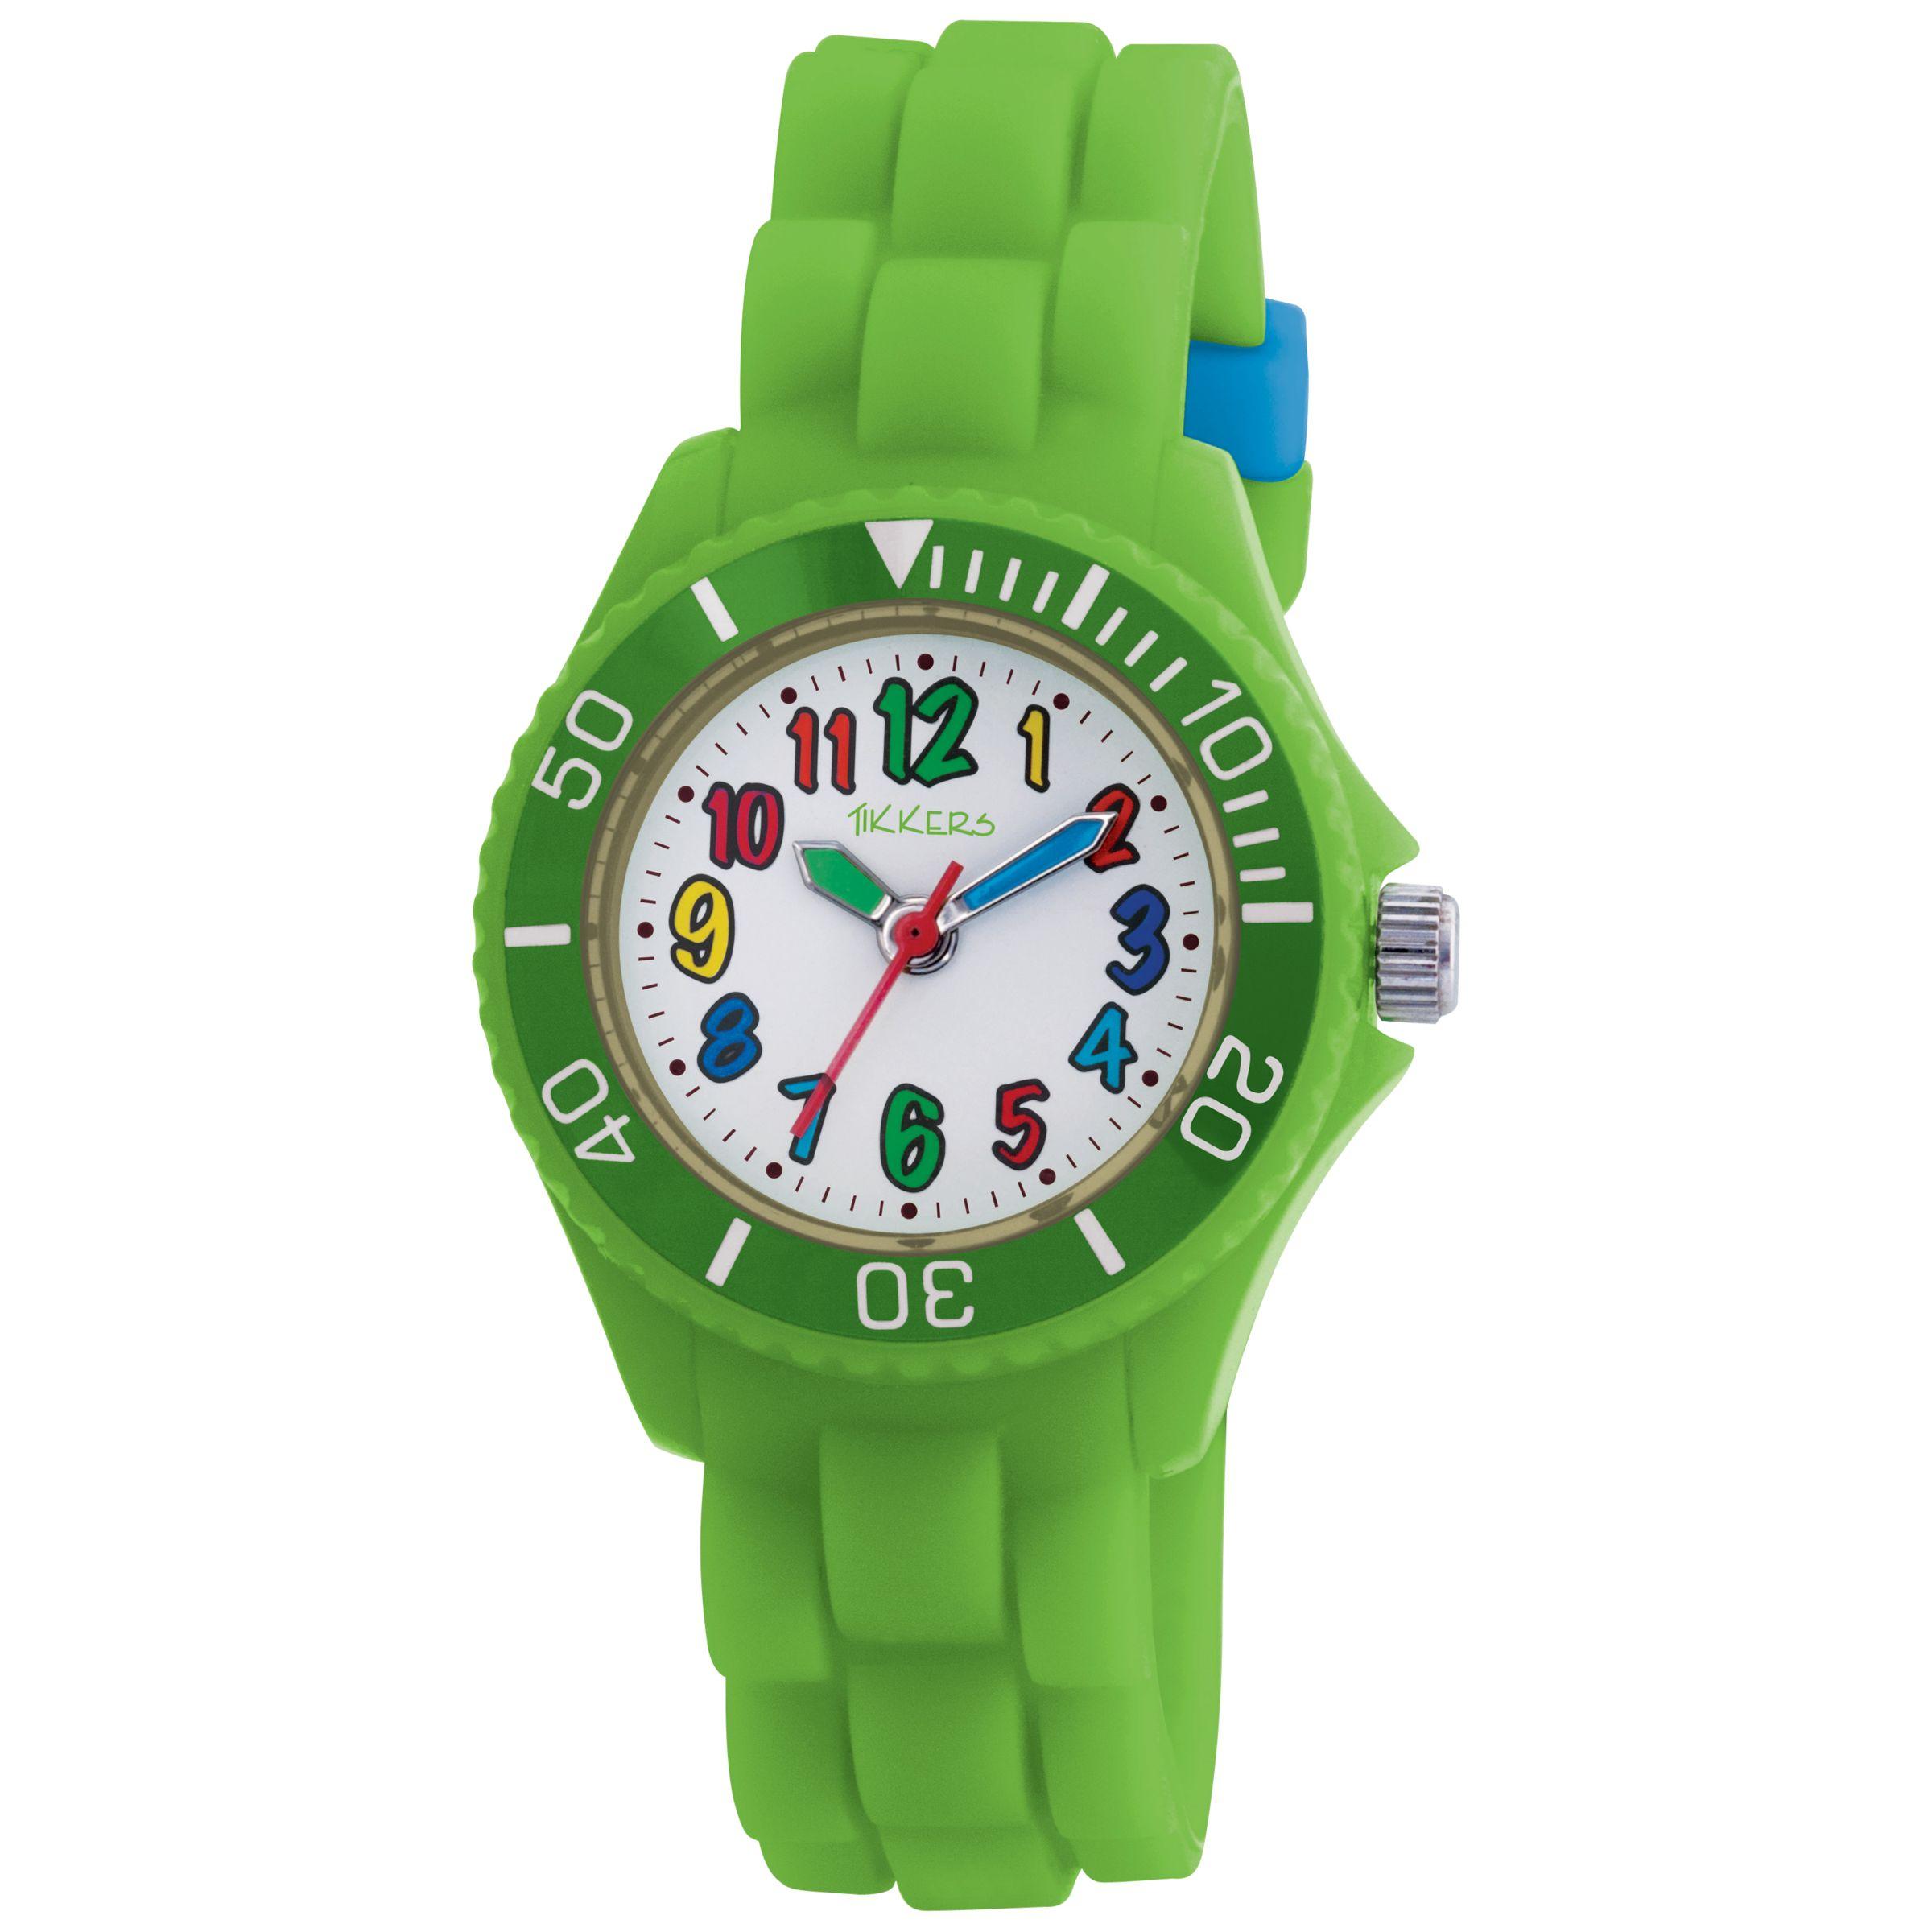 Tikkers TK0014 Kids Rubber Strap Watch, Green